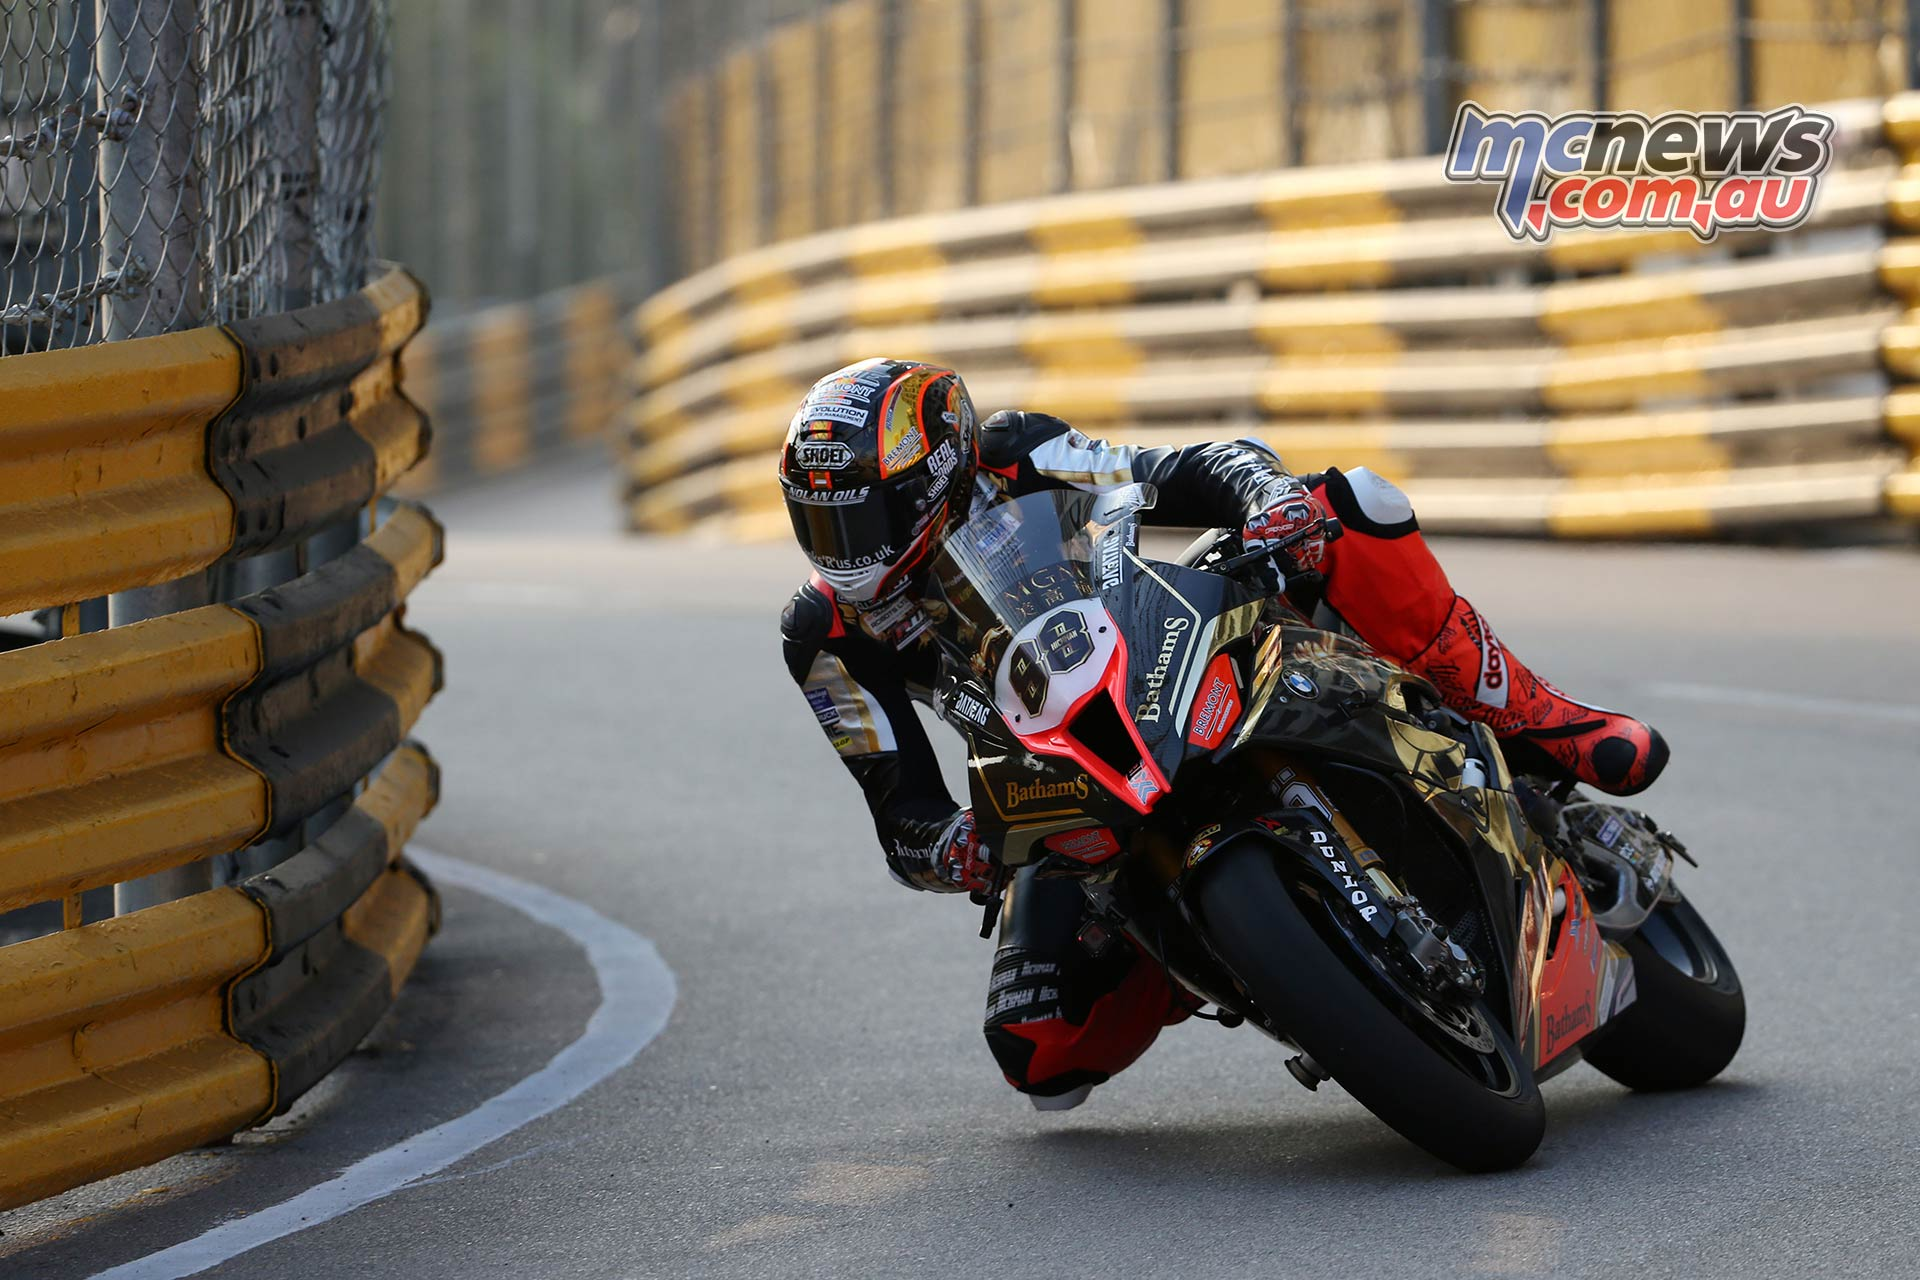 Macau GP Peter Hickman